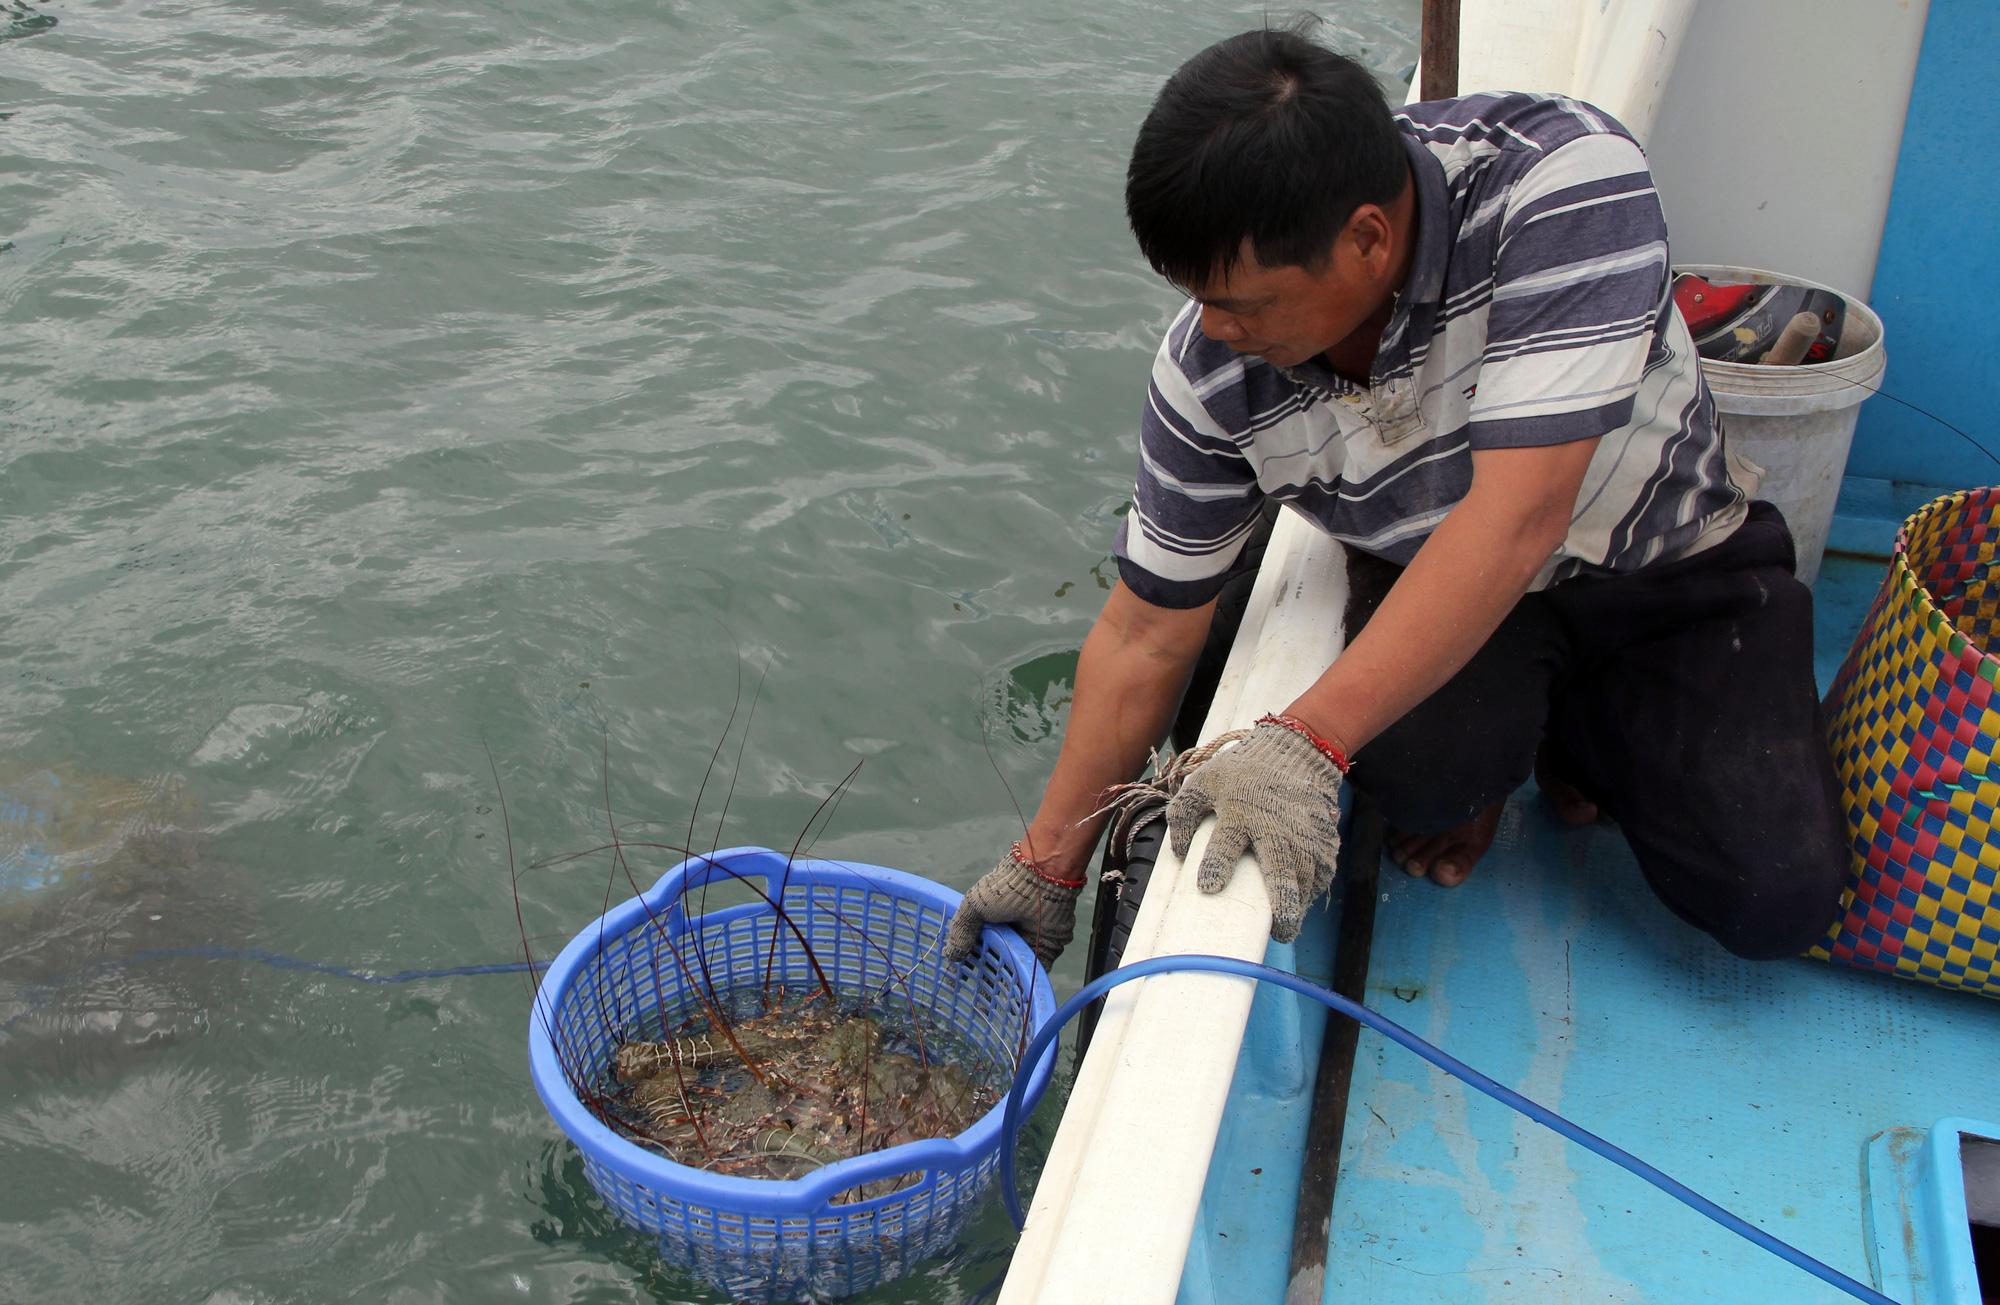 Sự thật về giá tôm hùm ở Phú Yên chỉ 200.000 đồng/kg - Ảnh 3.